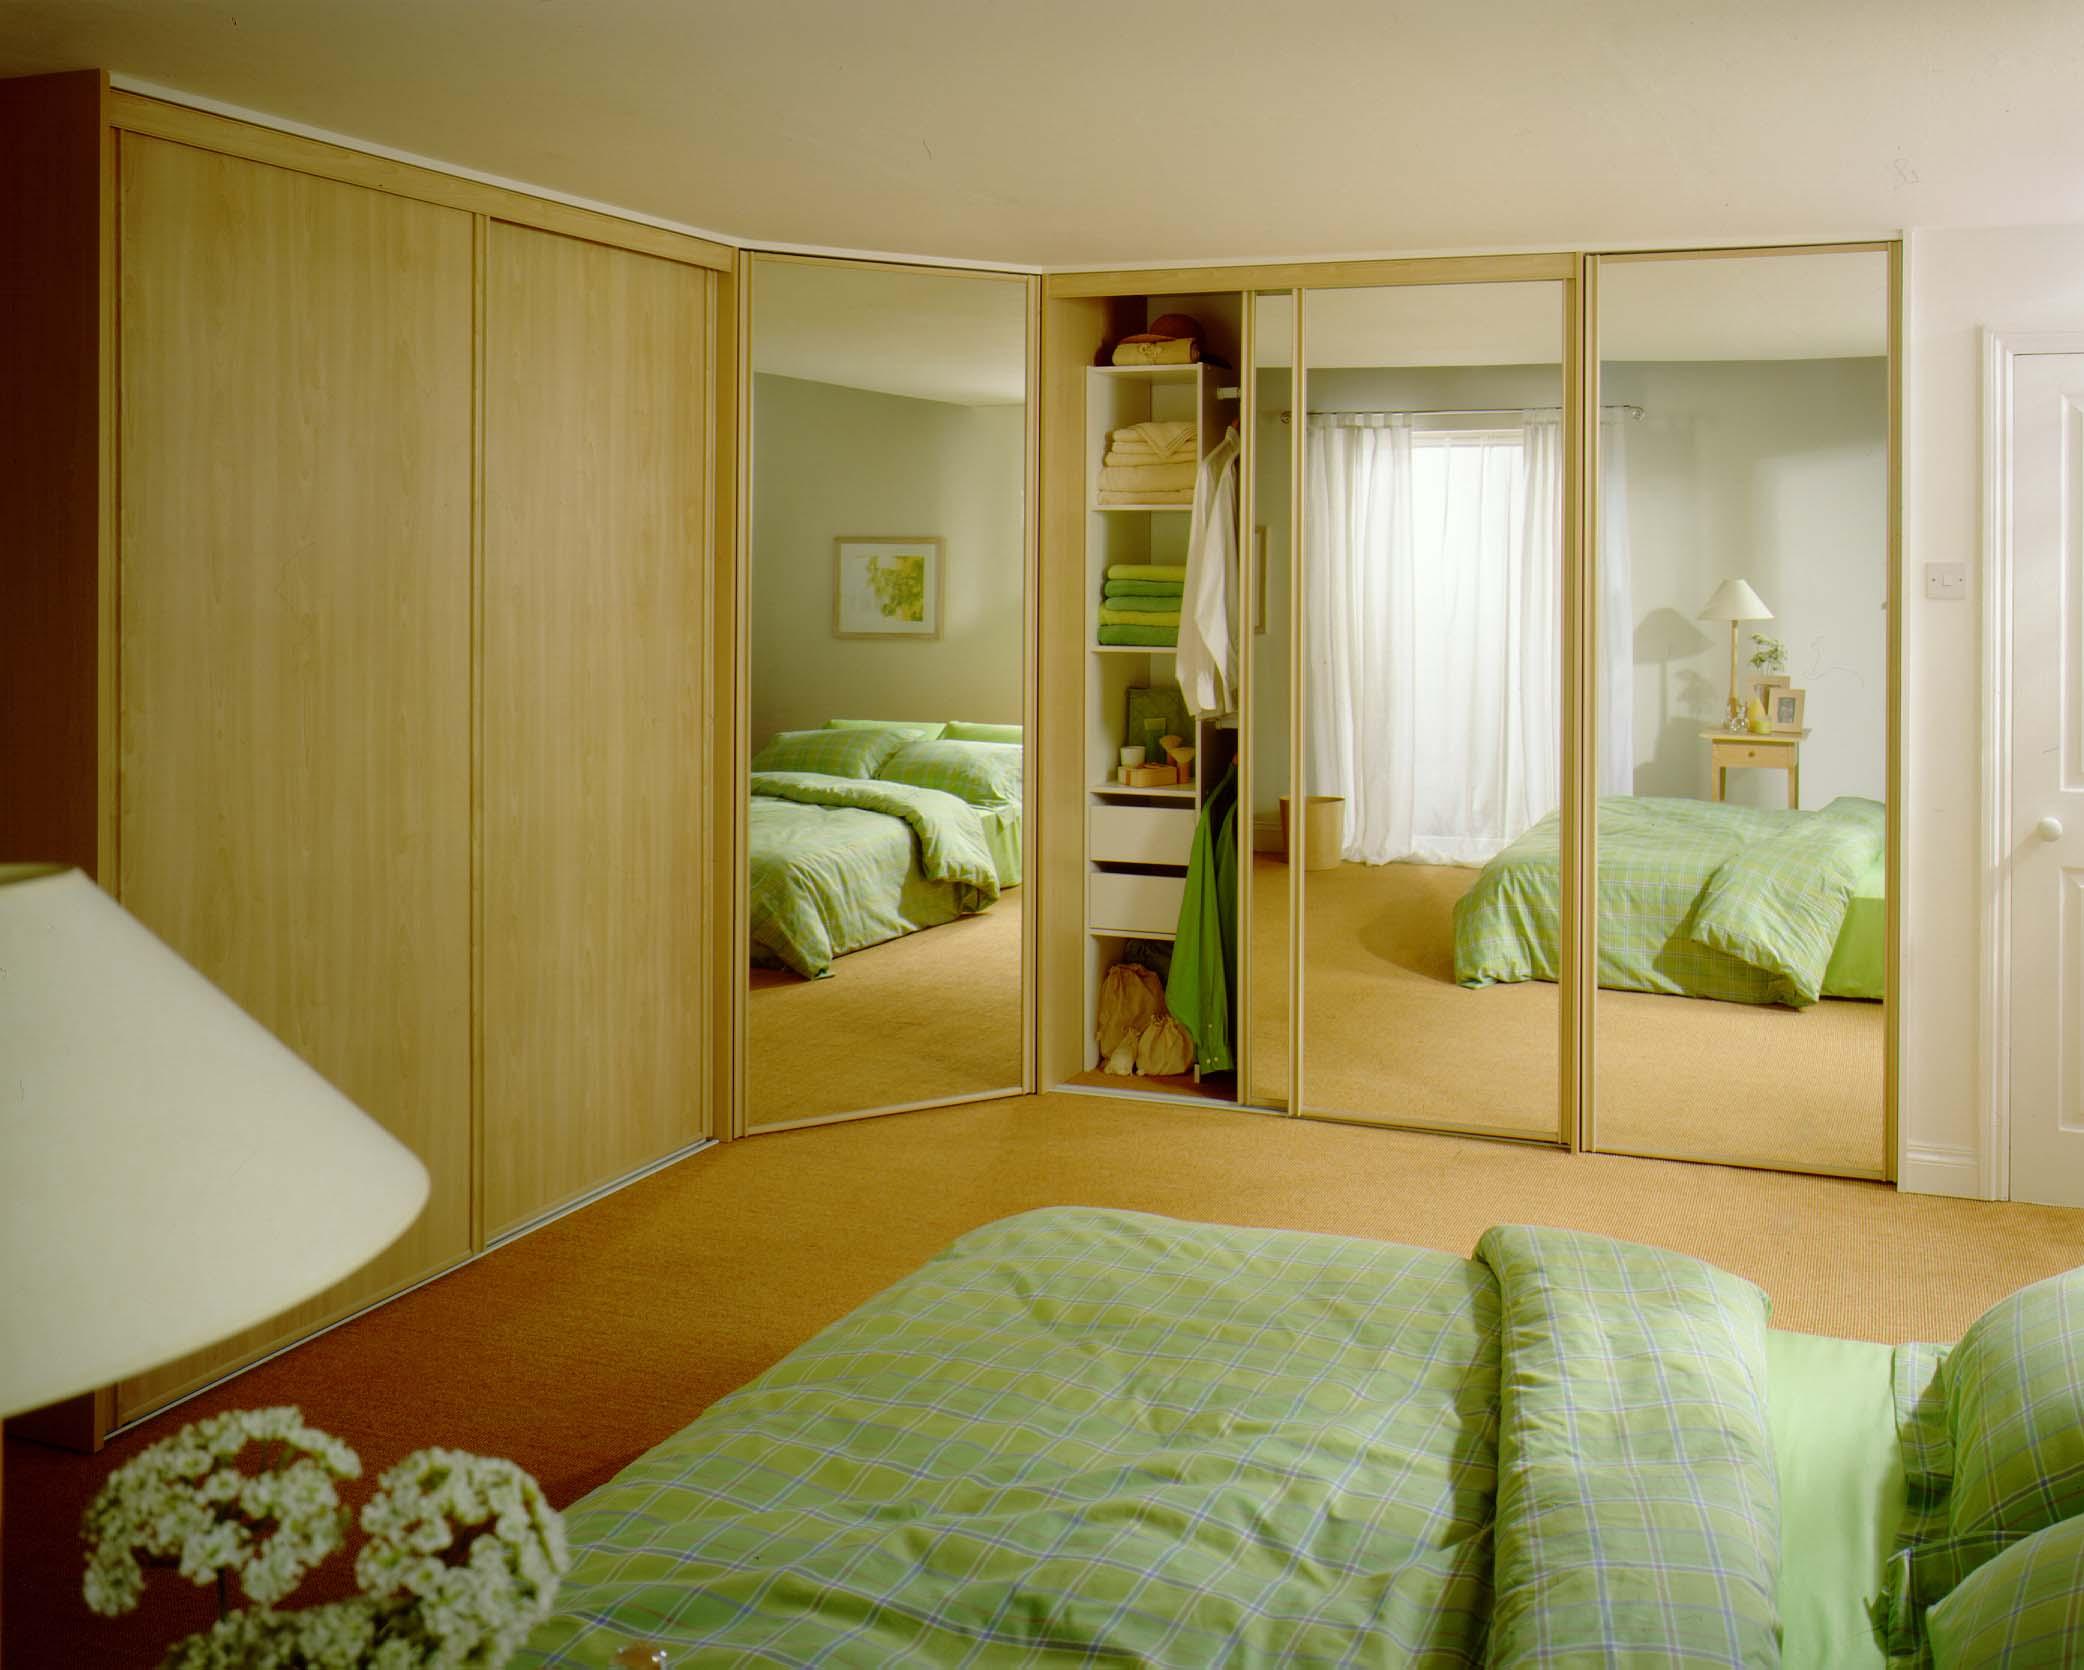 веселые фотографии, встроенный угловой шкаф с кроватью фото антибиотики народные